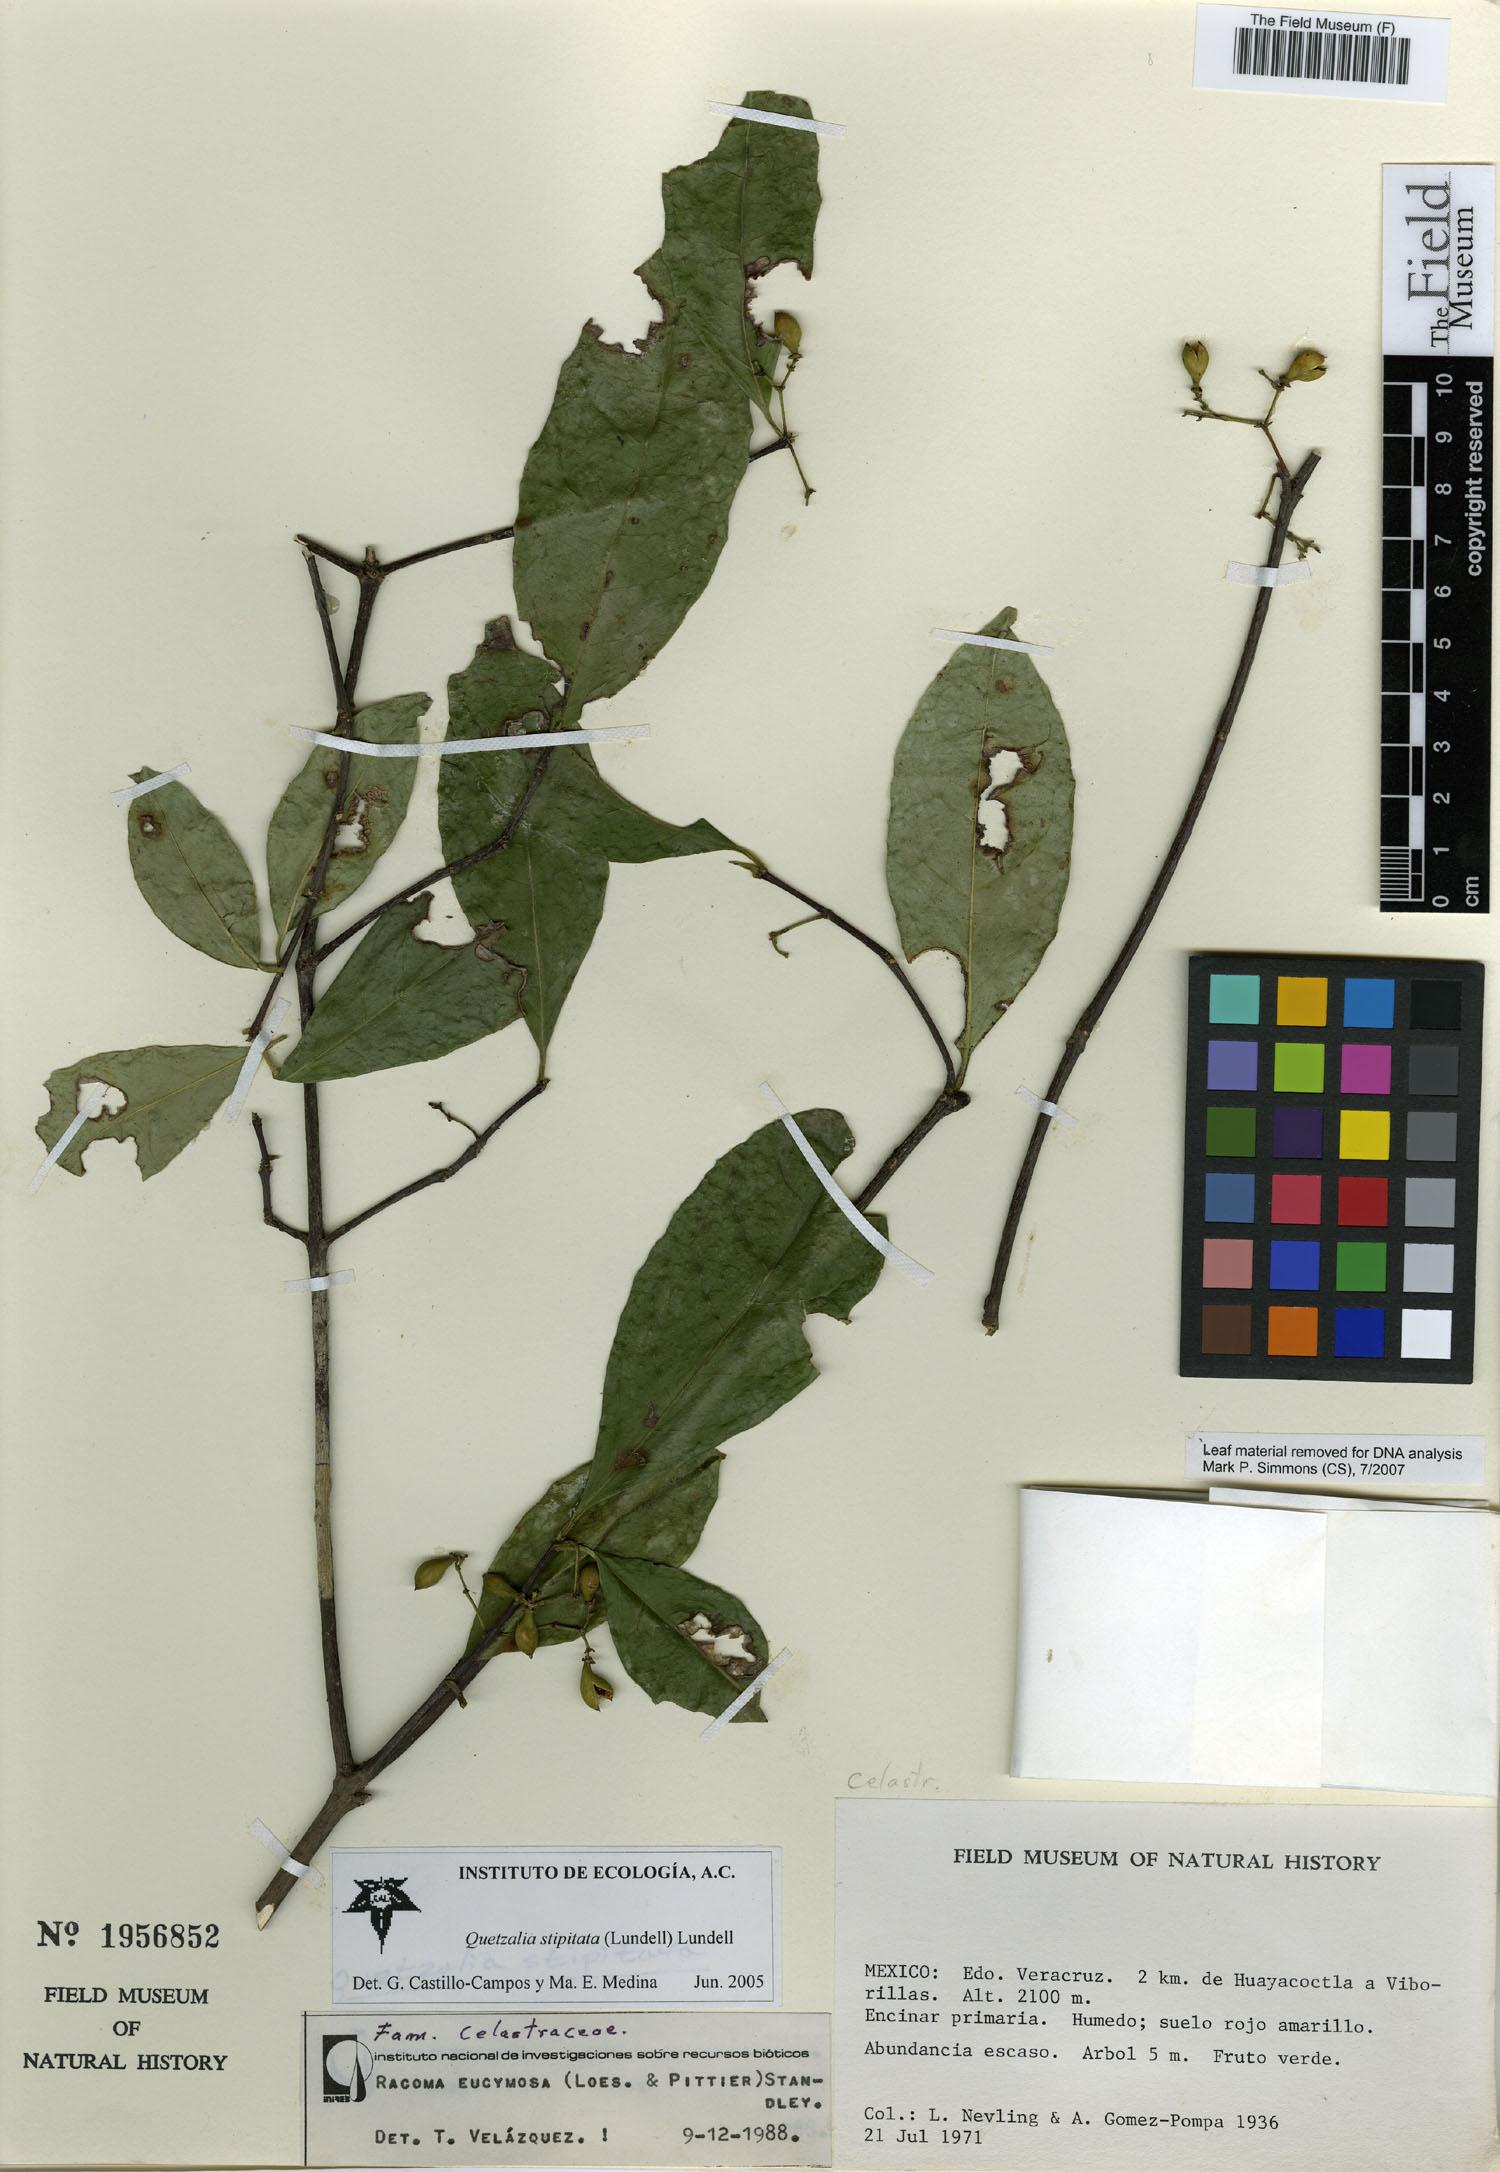 Quetzalia image